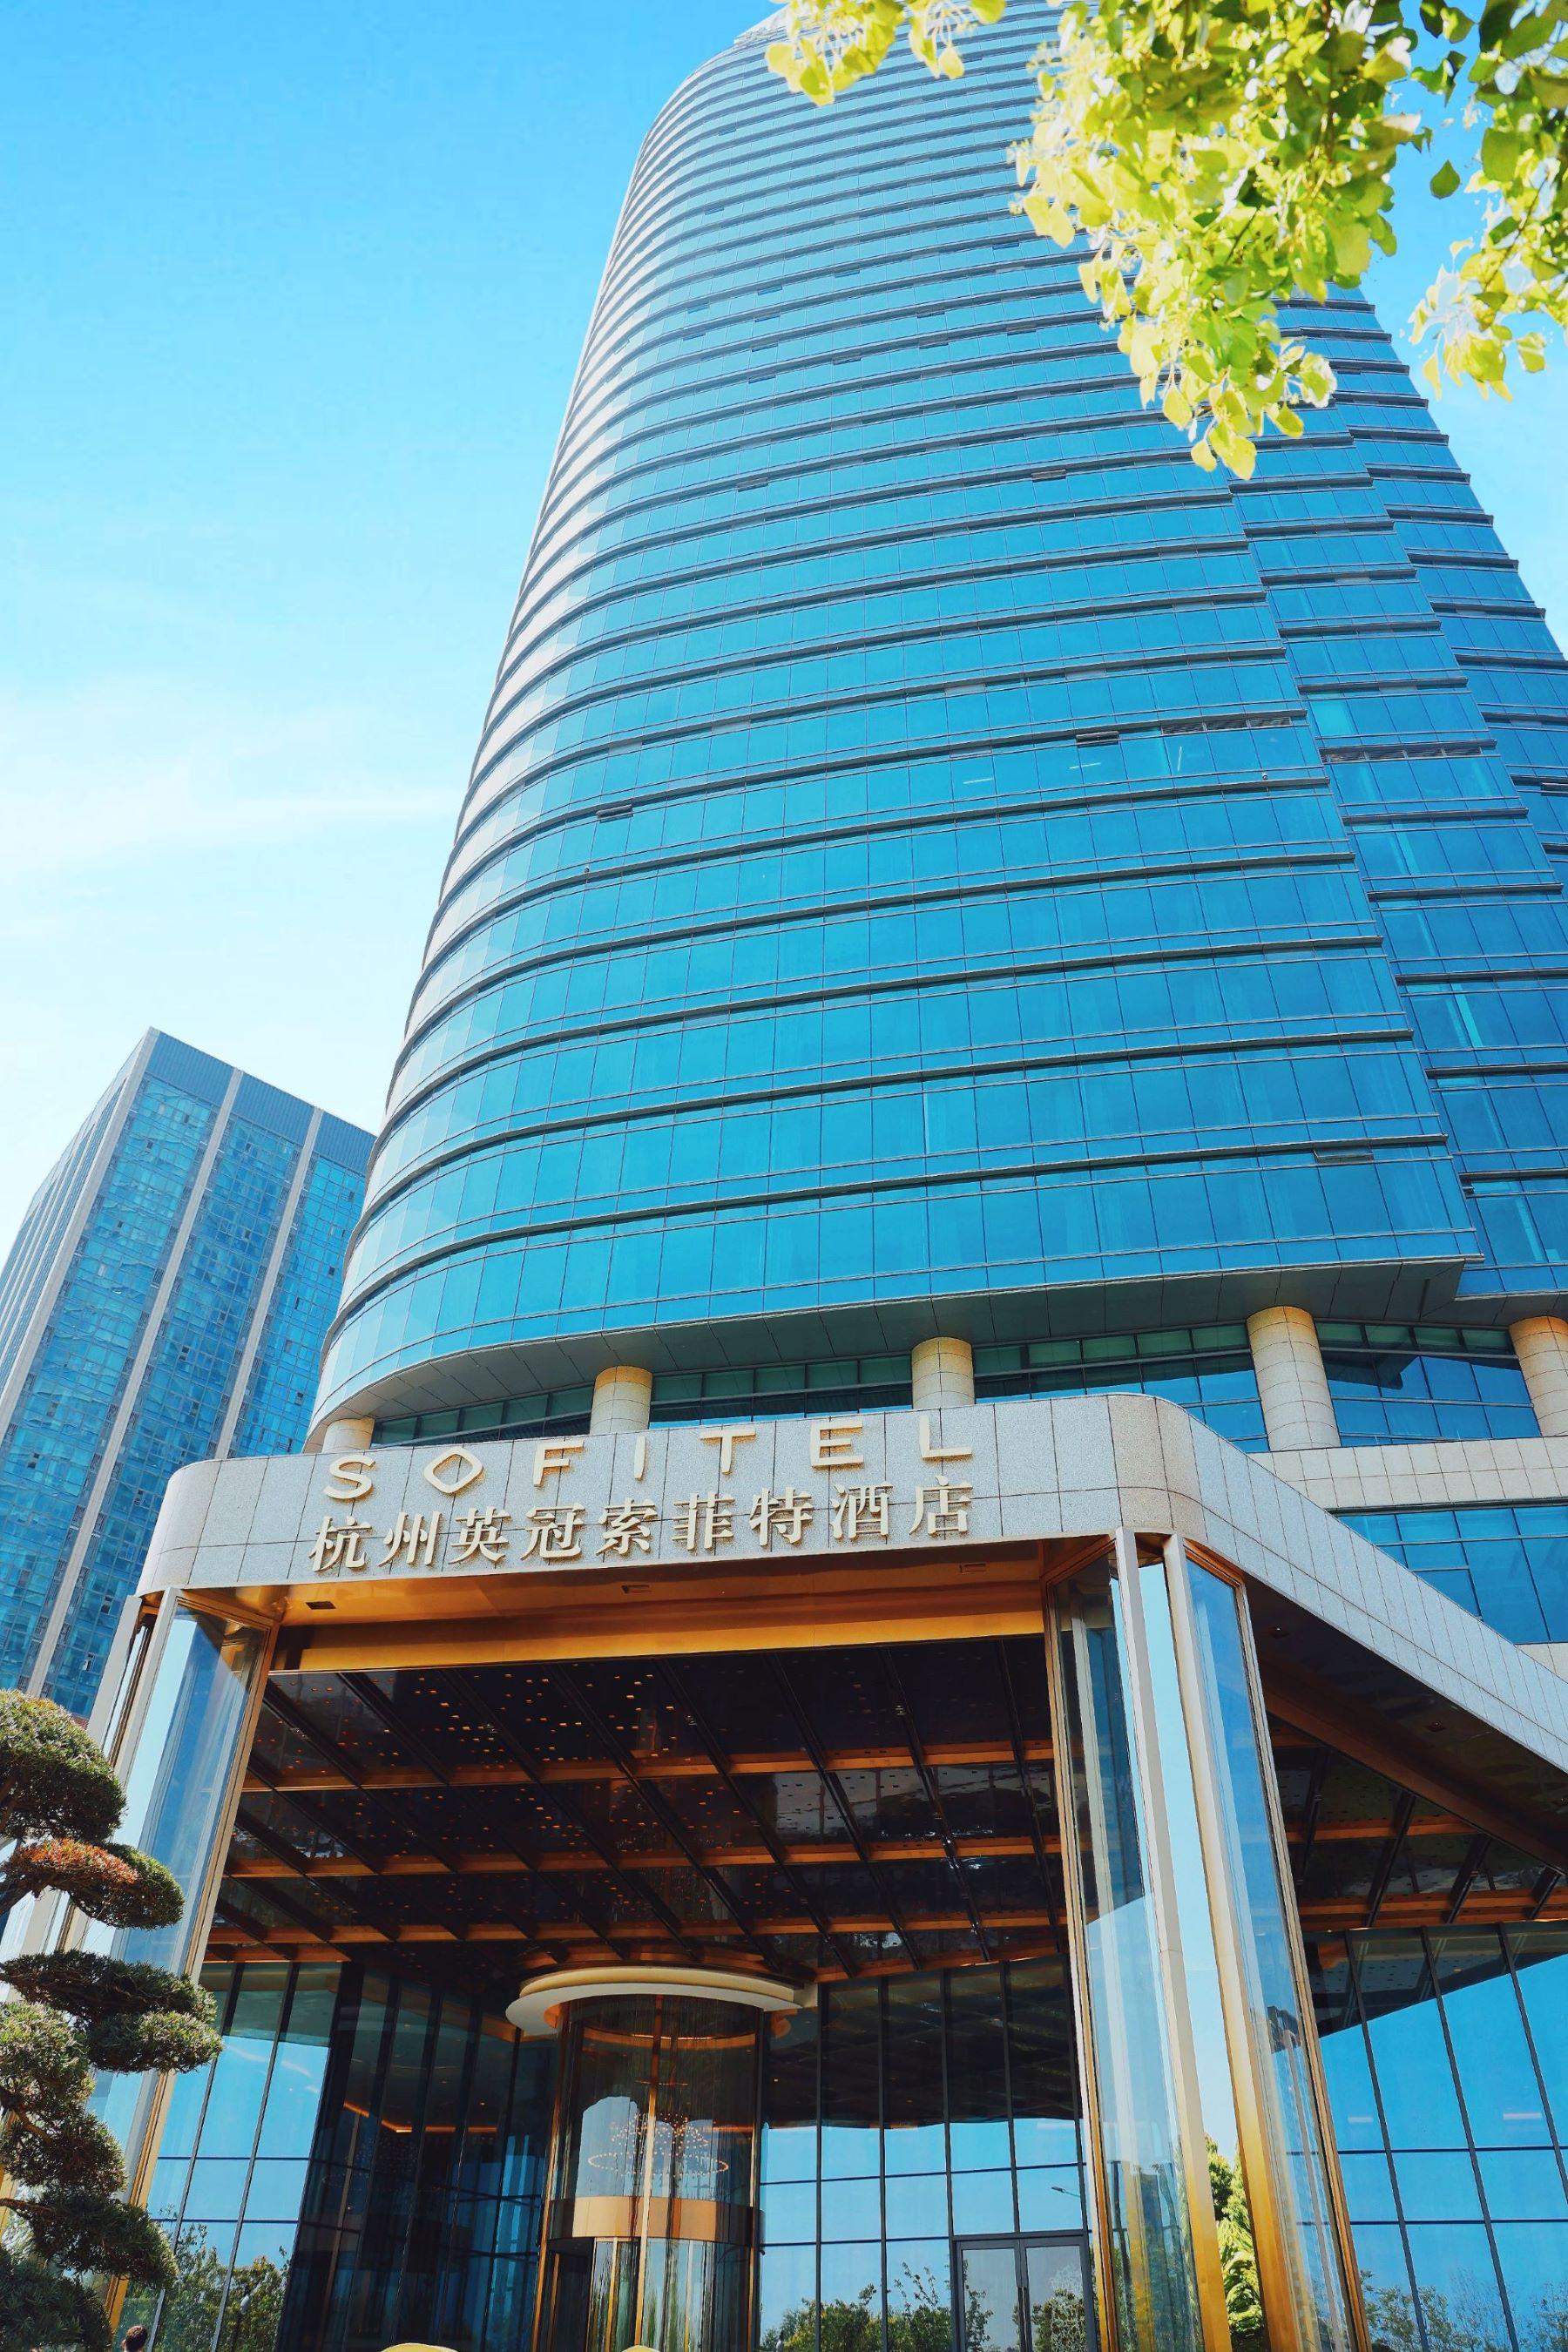 杭州英冠索菲特酒店正式开业